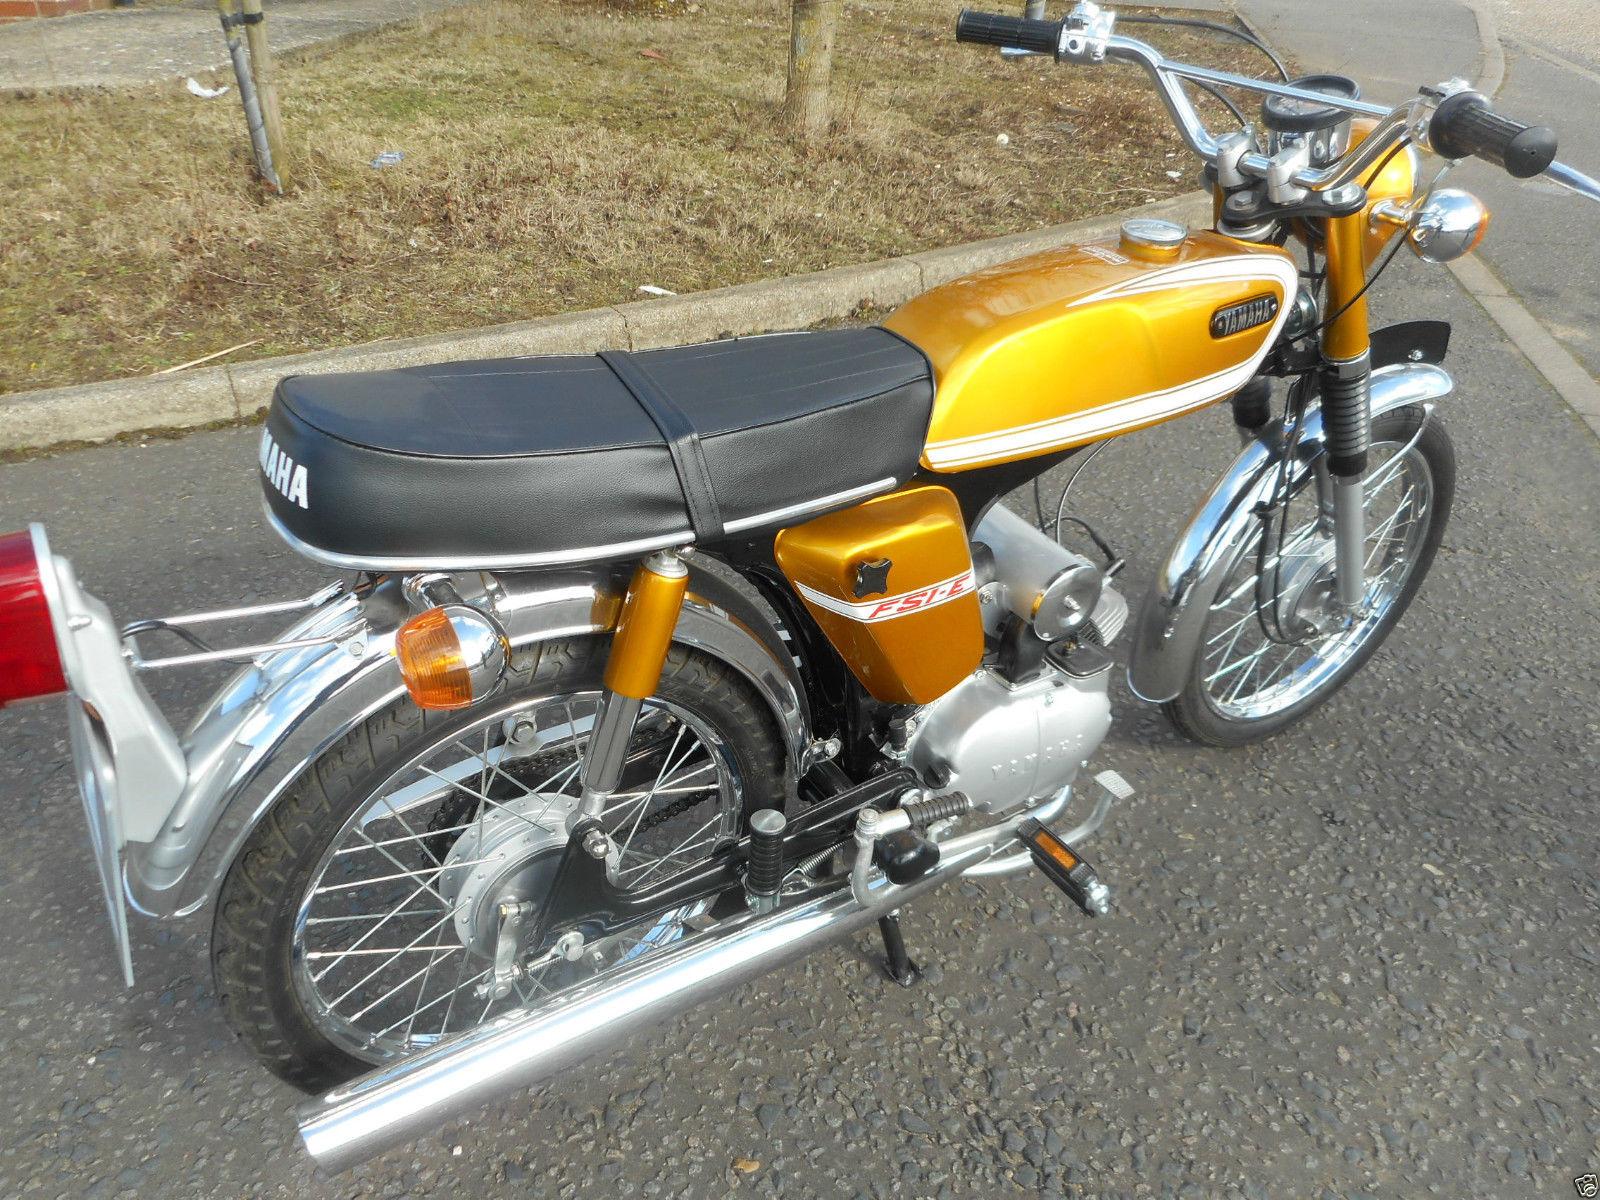 Yamaha FS1E - 1974 - Rear Fender, Flashers, Motor and Transmission.